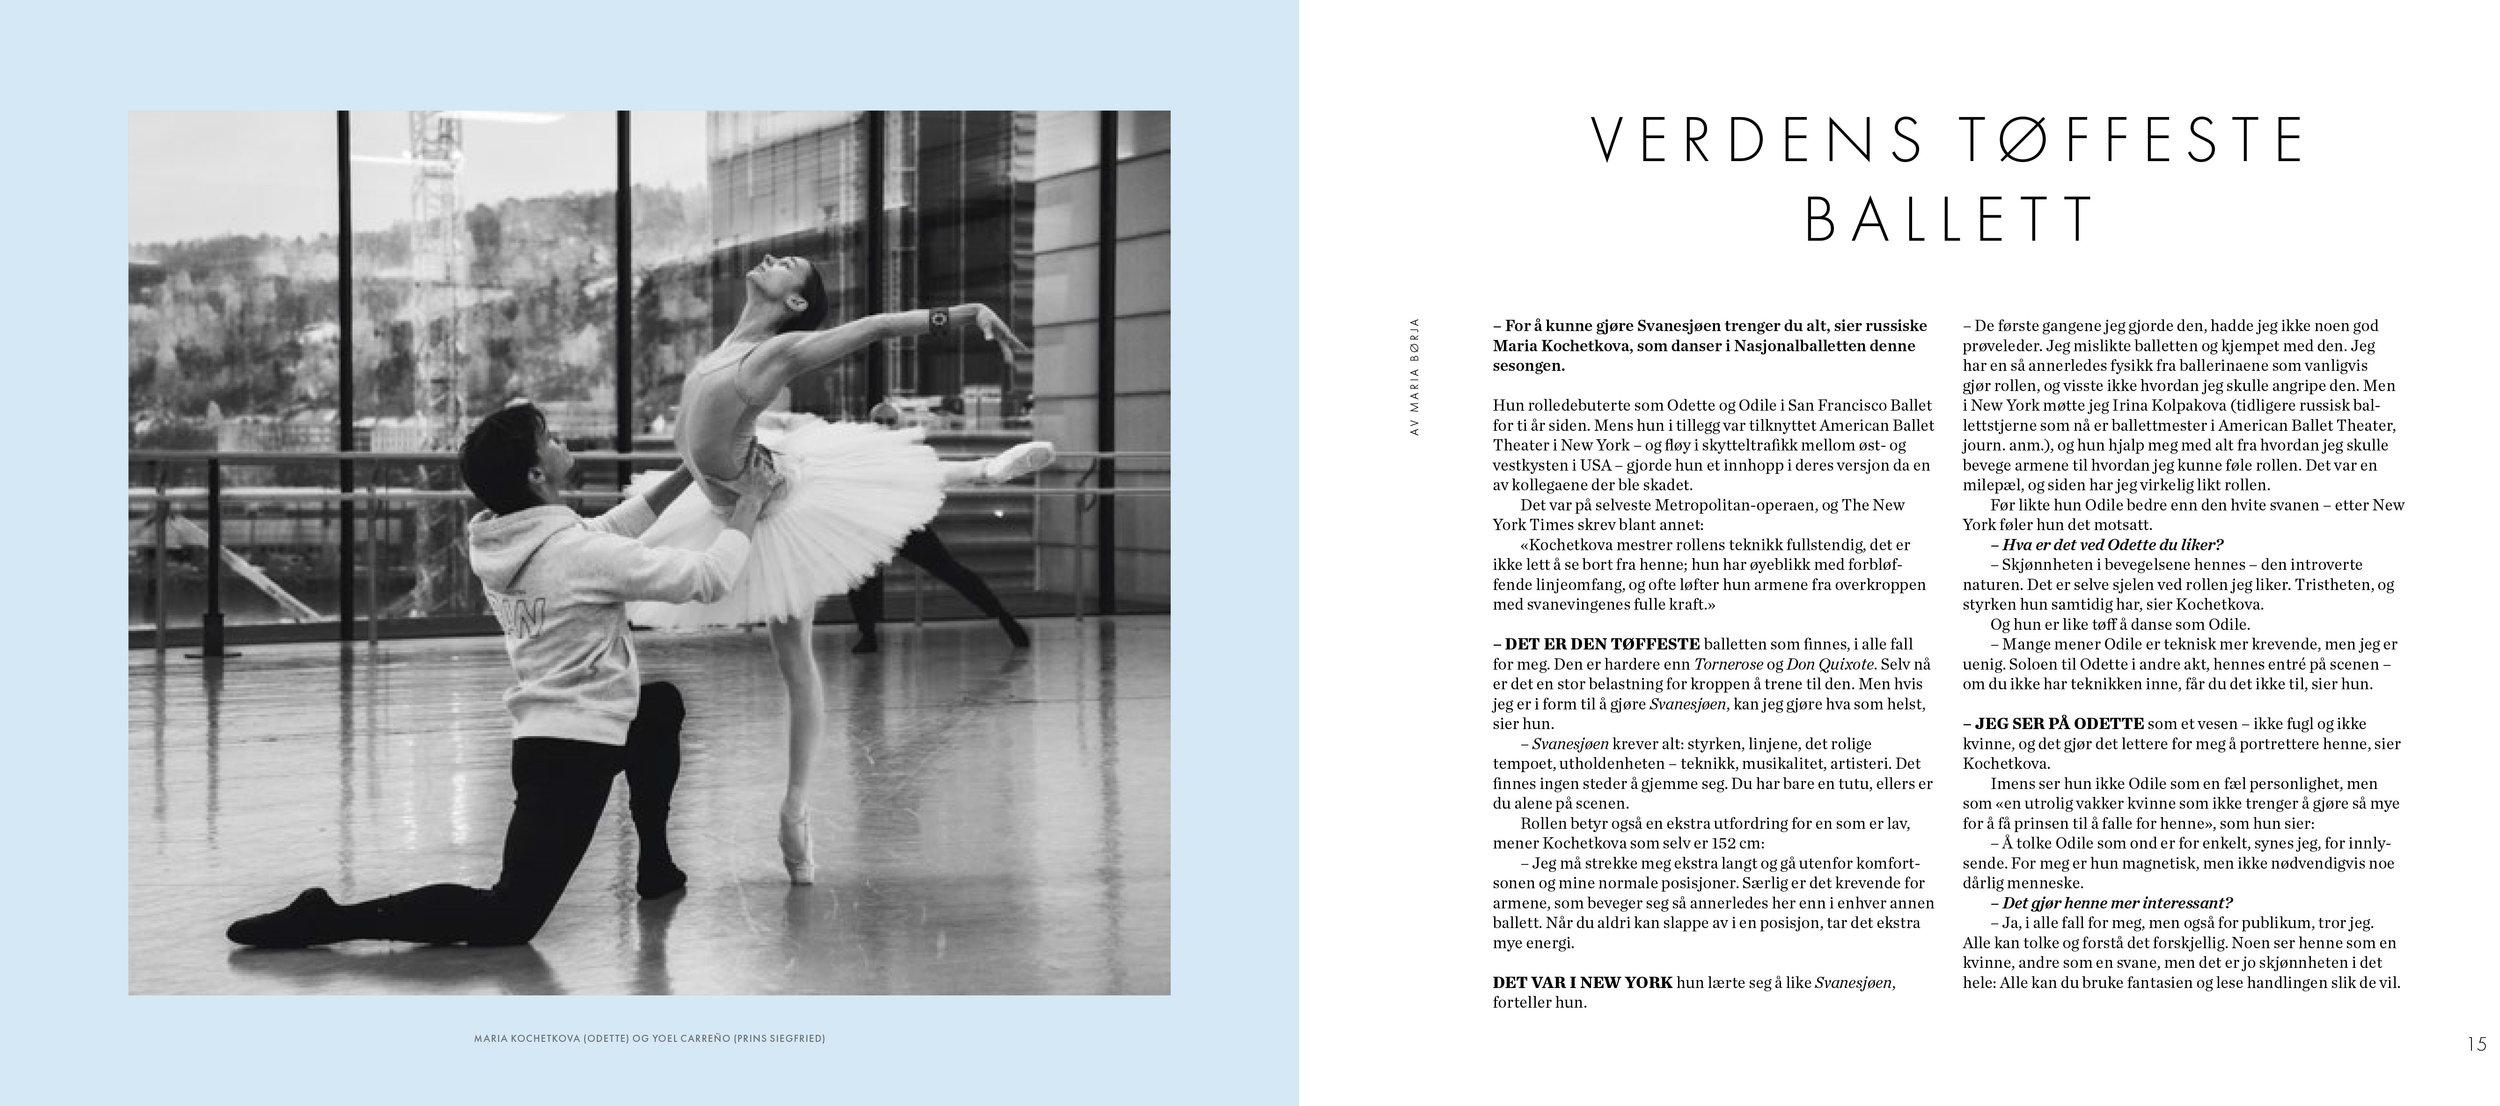 Maria Kochetkova er en danser som har imponert meg veldig i høst – hun er vanvittig uttrykksfull og sterk på scenen, men også som person. Hun kan avvise spørsmål, og svarene hennes er reflekterte og konsise, der mange av oss har en tendens til å bable videre. Her snakker hun om det hun mener er ballettrepertoarets aller tøffeste rolle – dobbeltrollen som Odette og Odile i  Svanesjøen . Faksimile fra forestillingsprogrammet